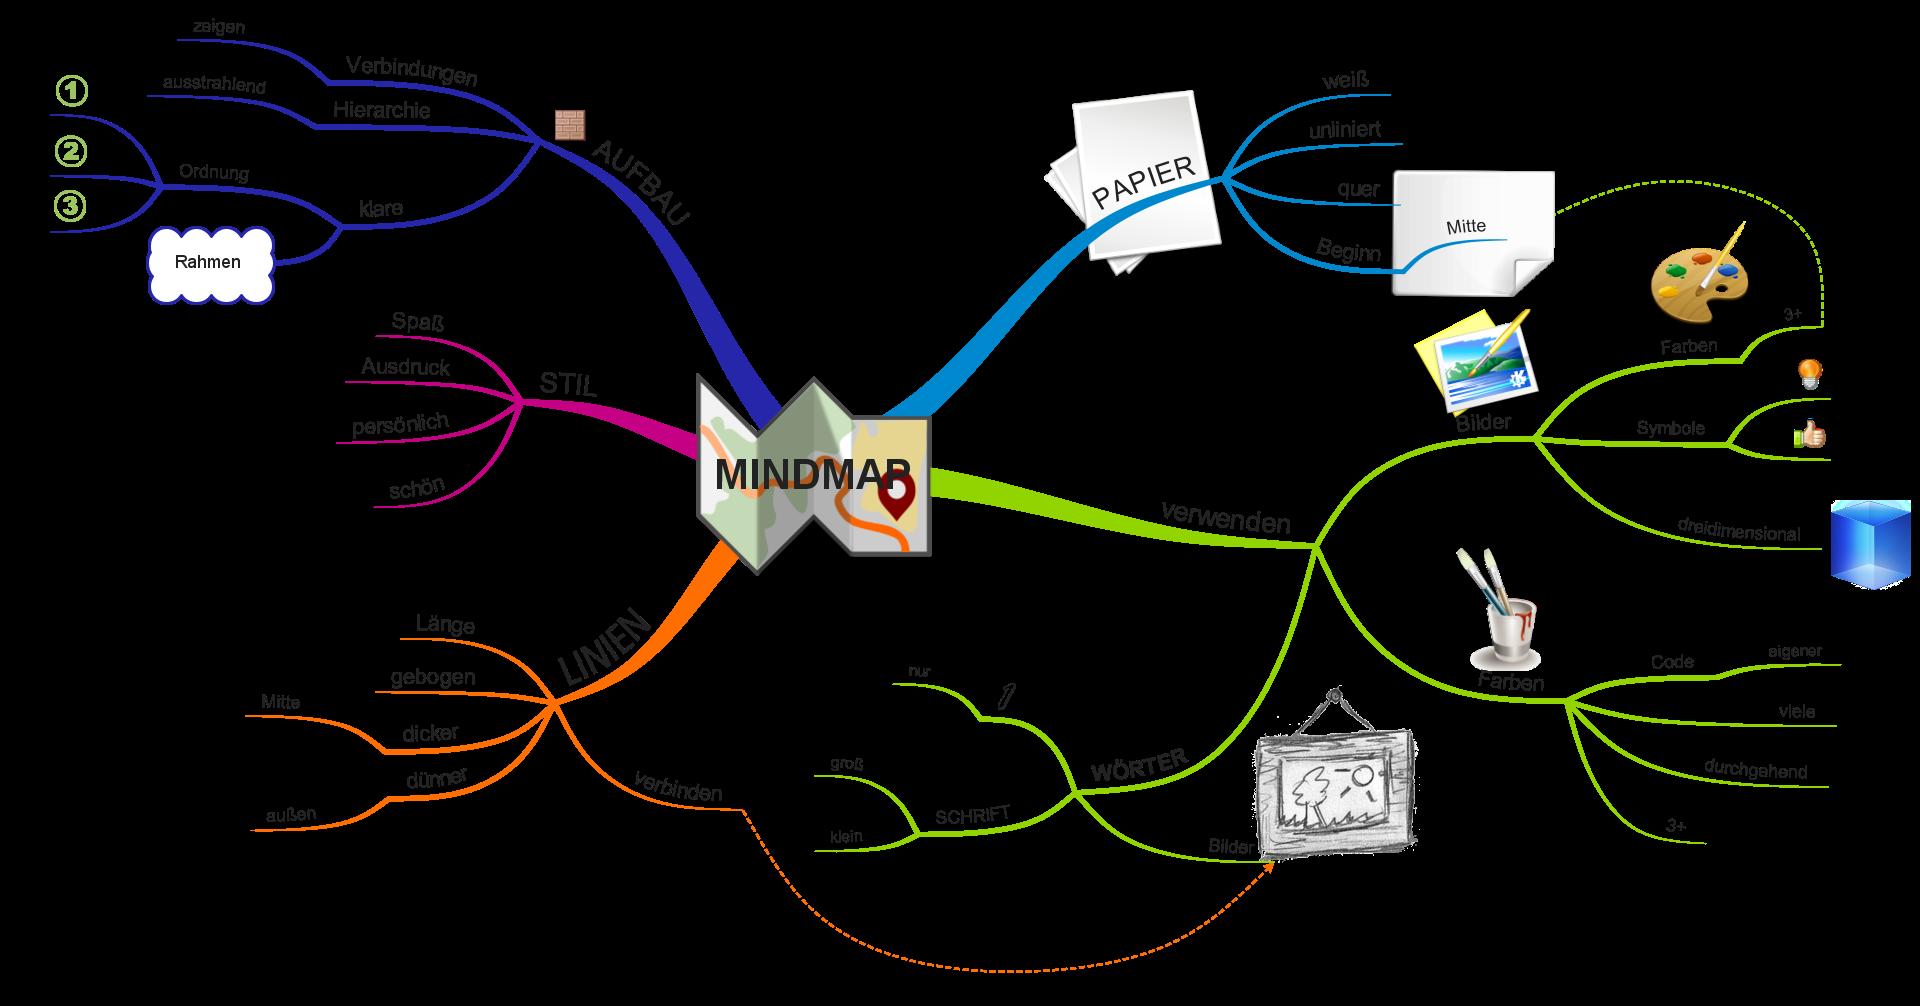 /Beispiel für eine Mindmap/